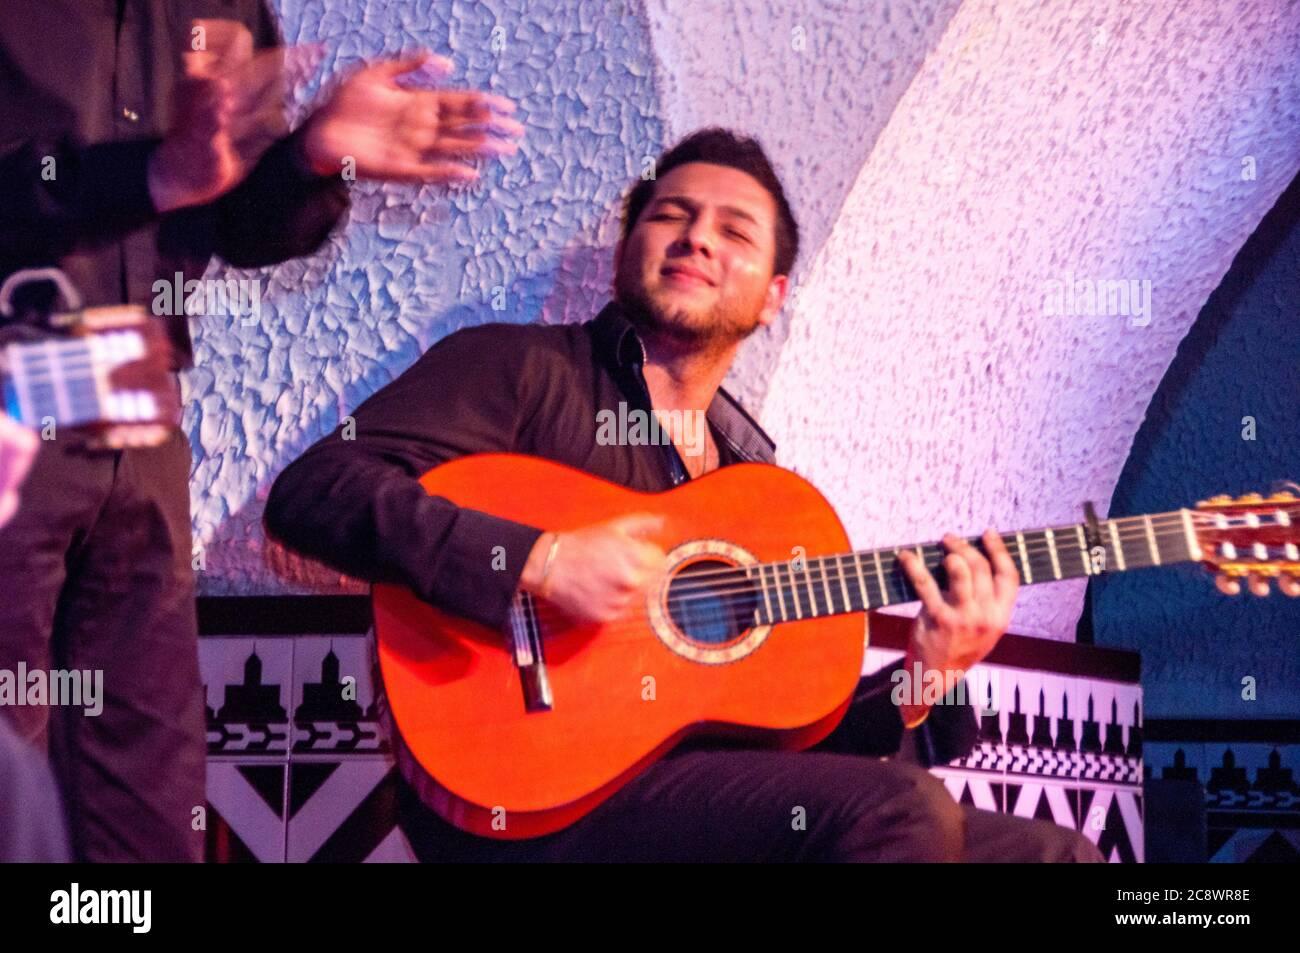 La guitare espagnole fait partie intégrante de la danse flamenco, une forme de narration étroitement associée aux tziganes roms andalous. Banque D'Images